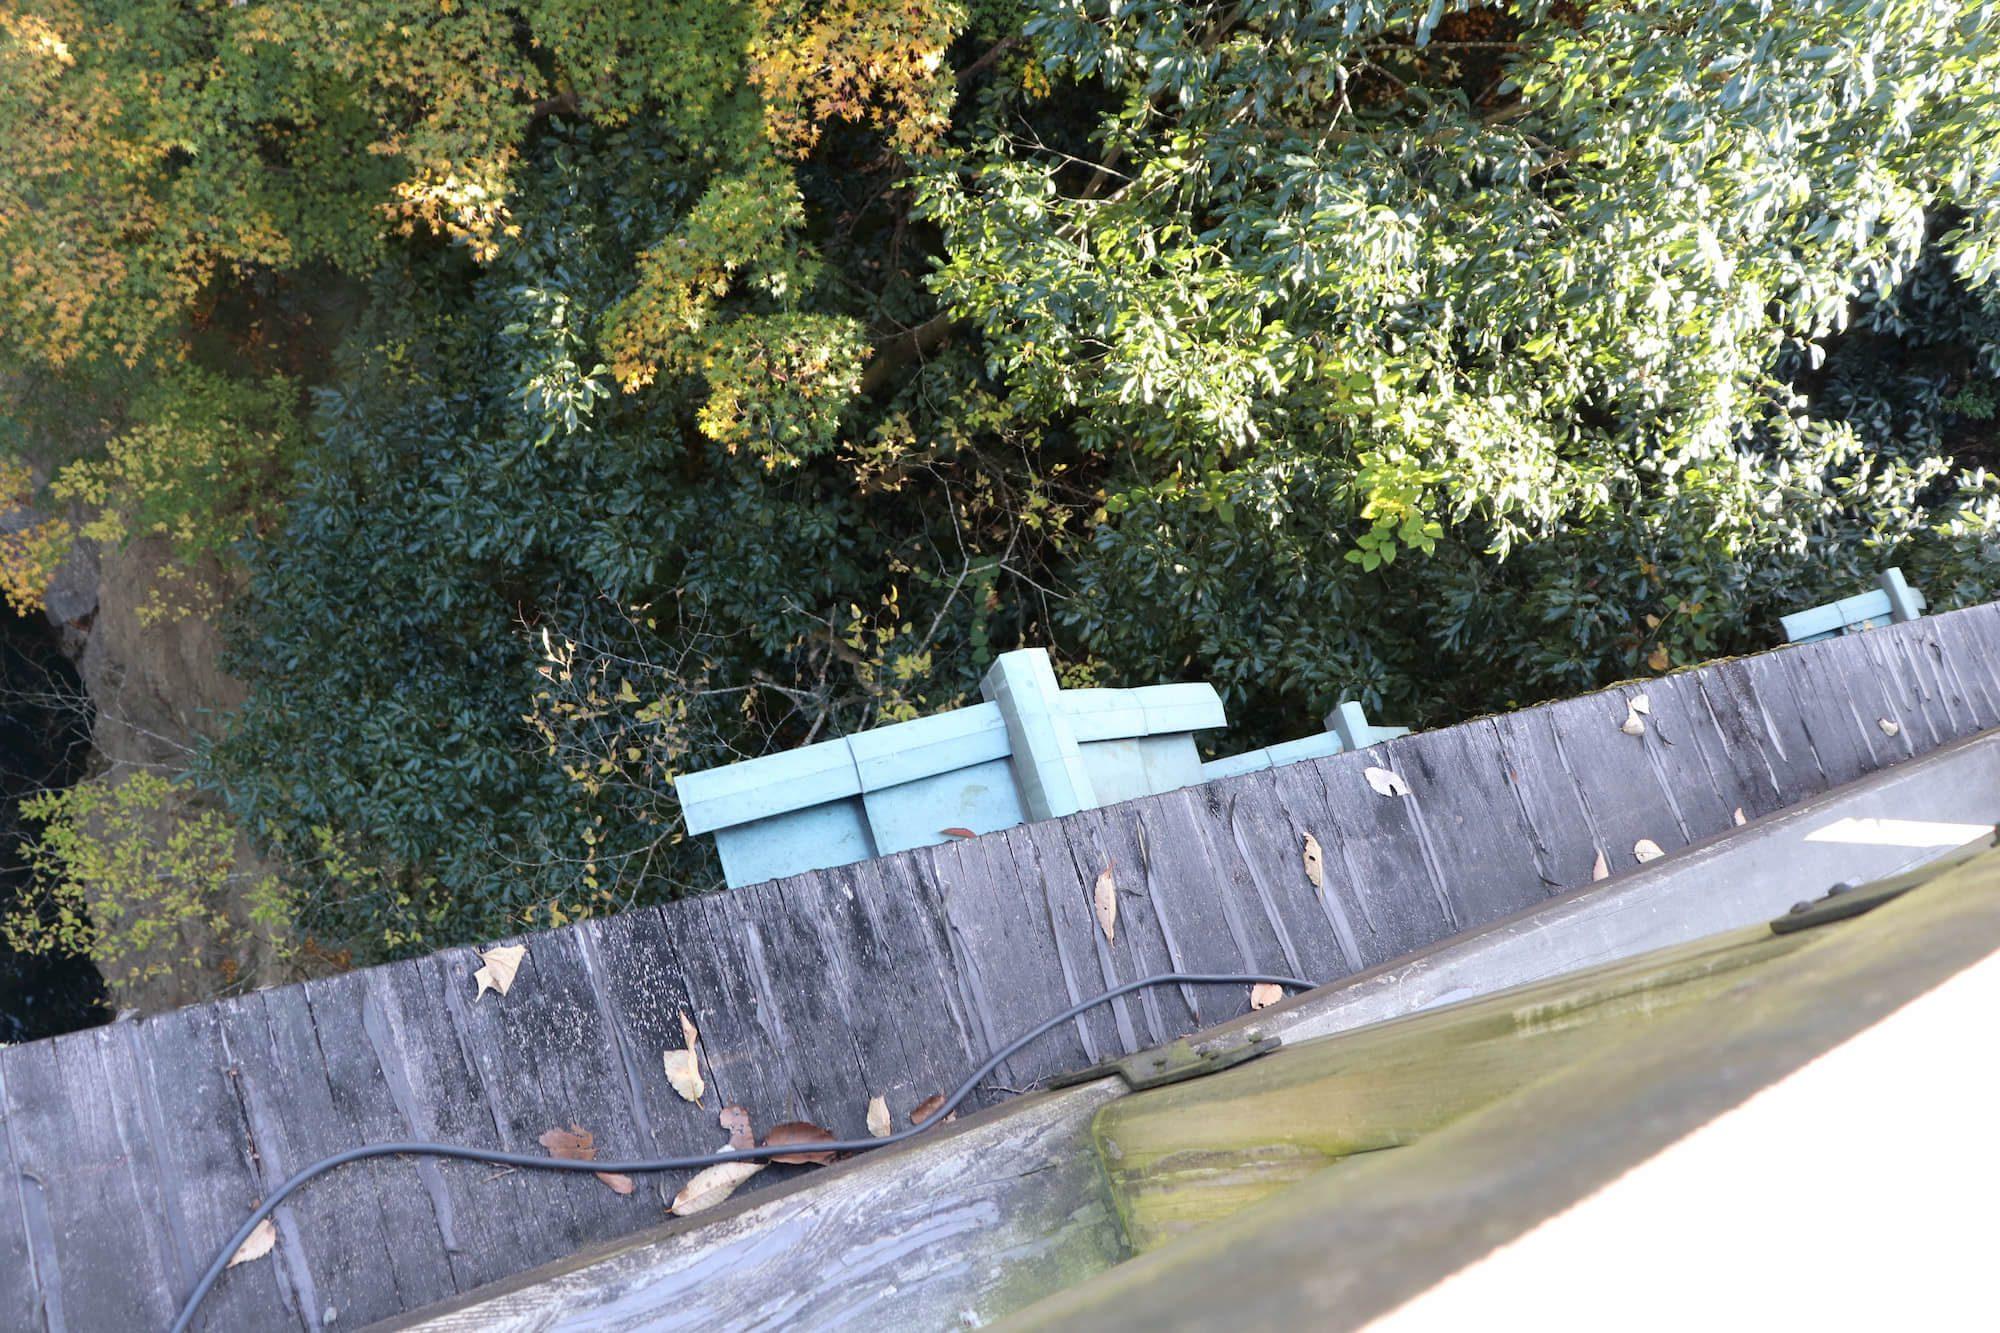 猿橋の上から見える猿橋の土台